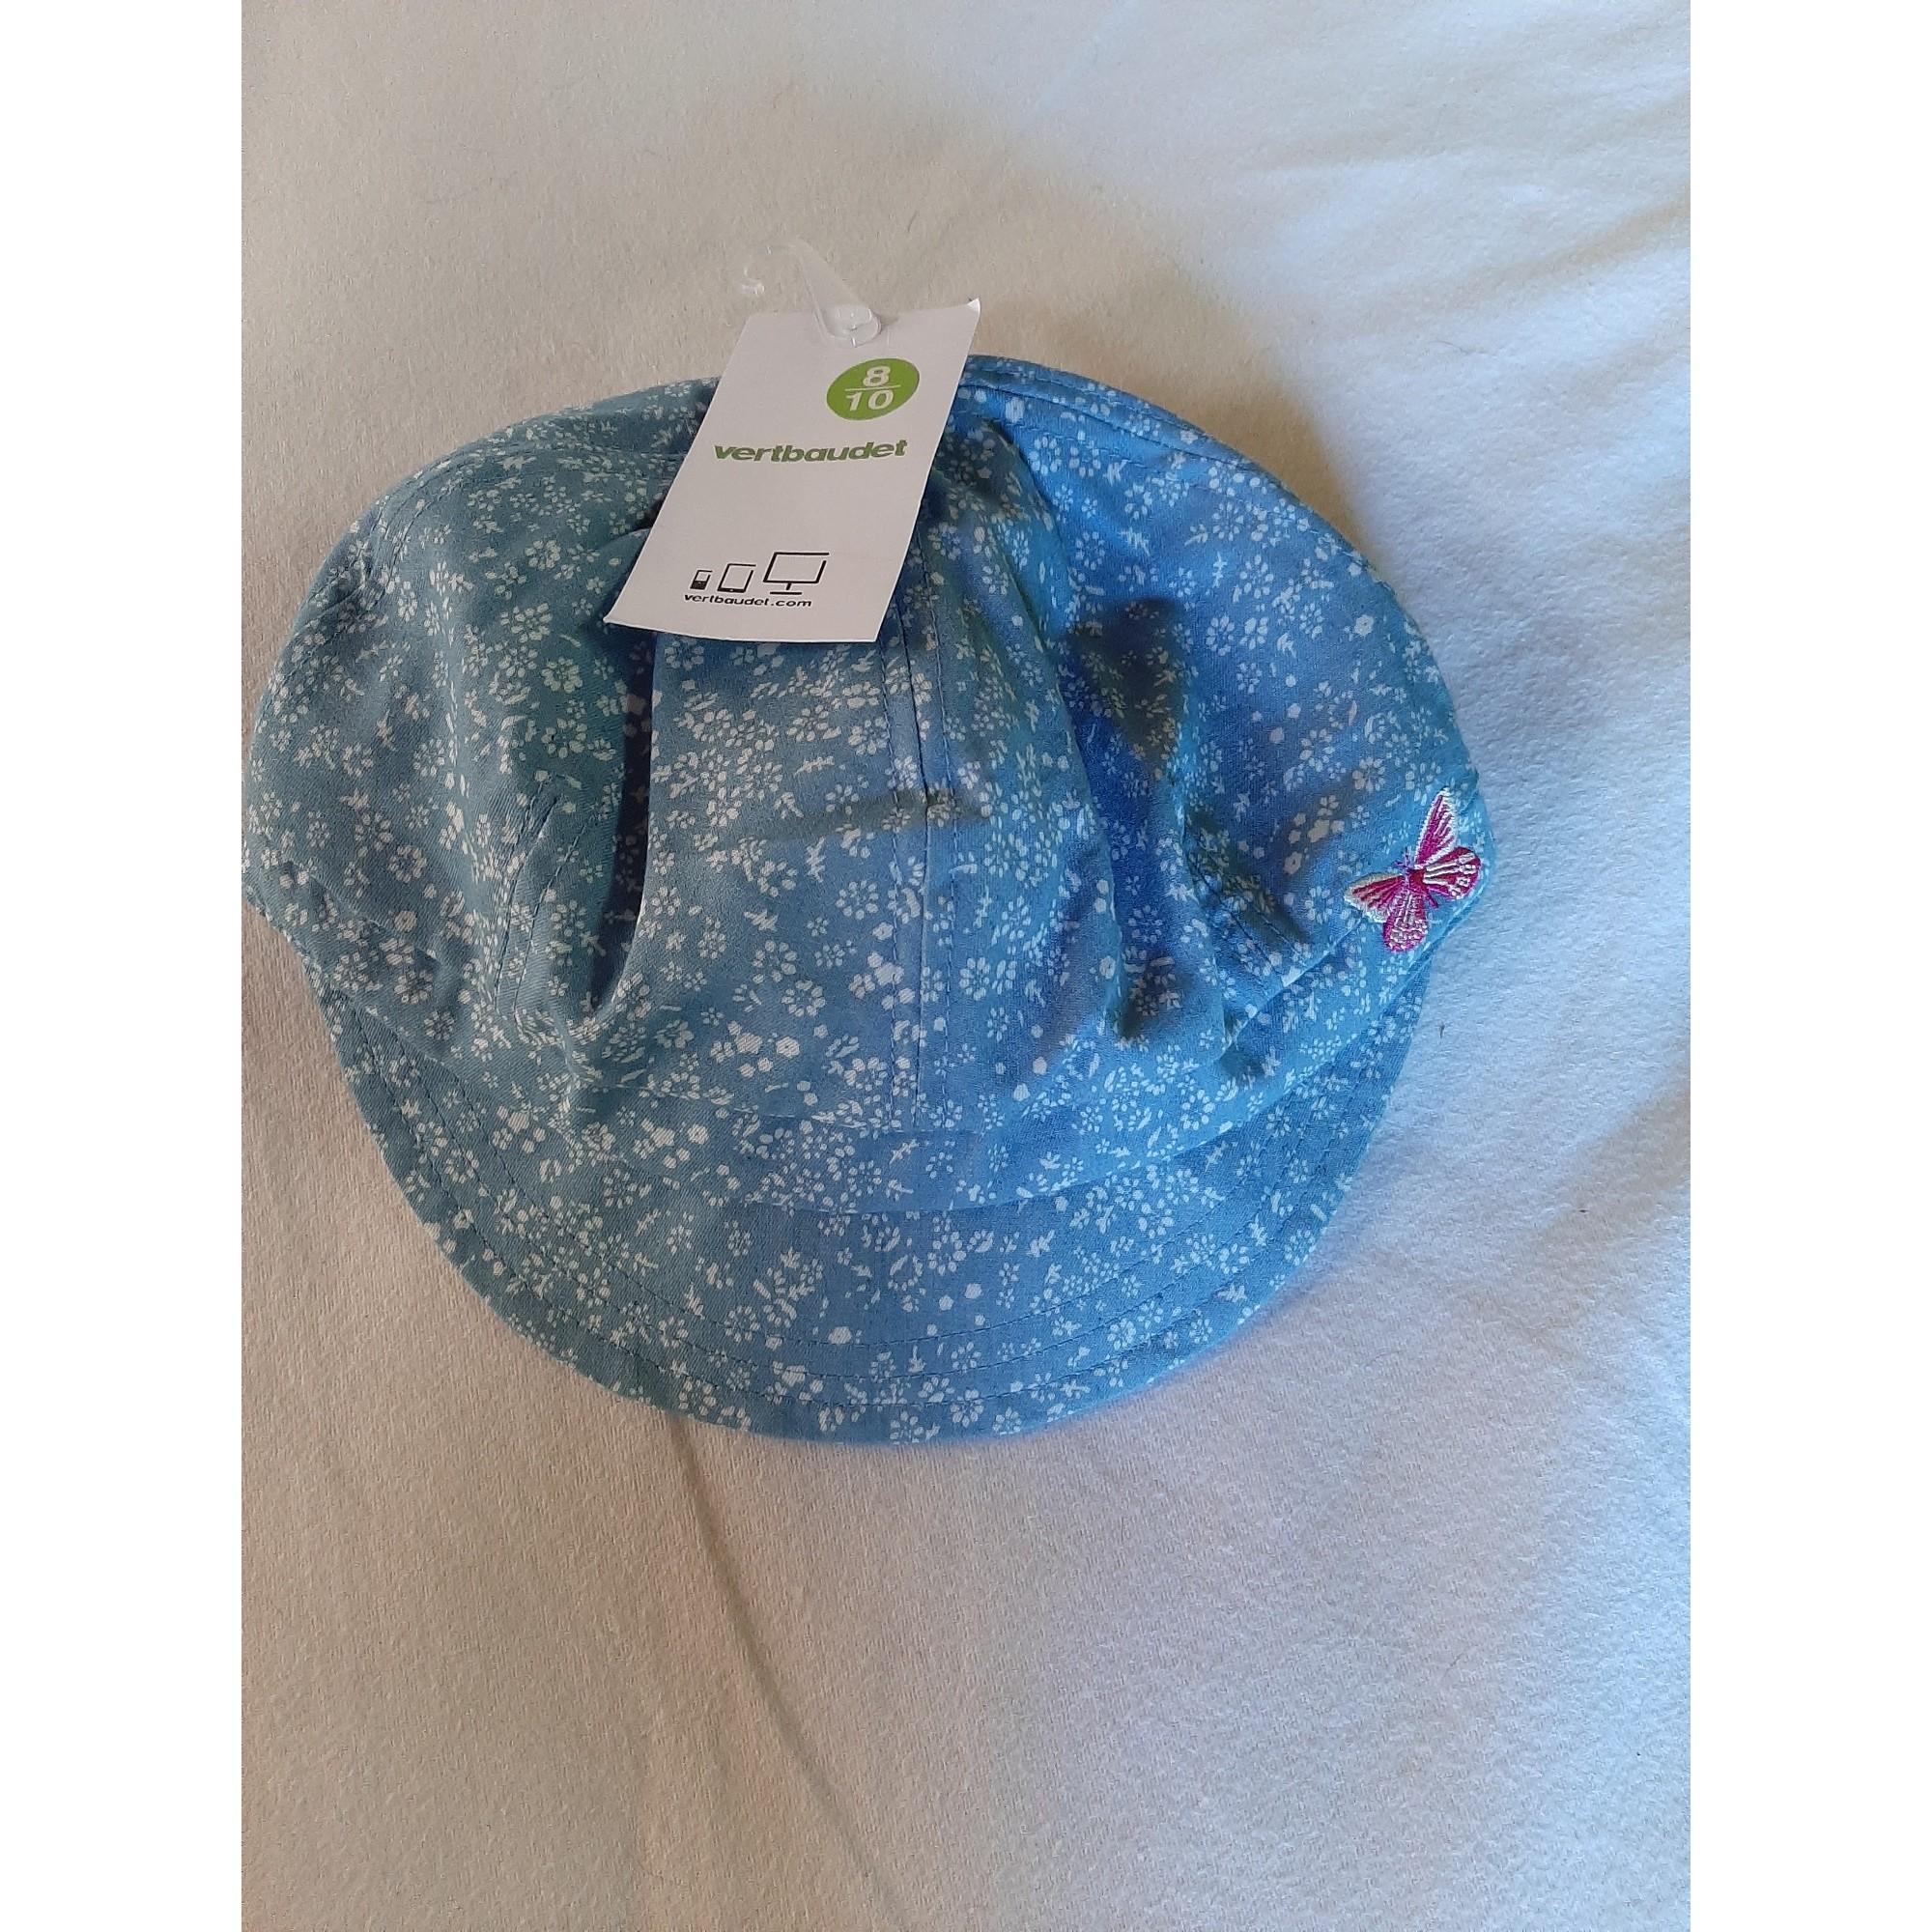 Casquette VERTBAUDET Bleu, bleu marine, bleu turquoise